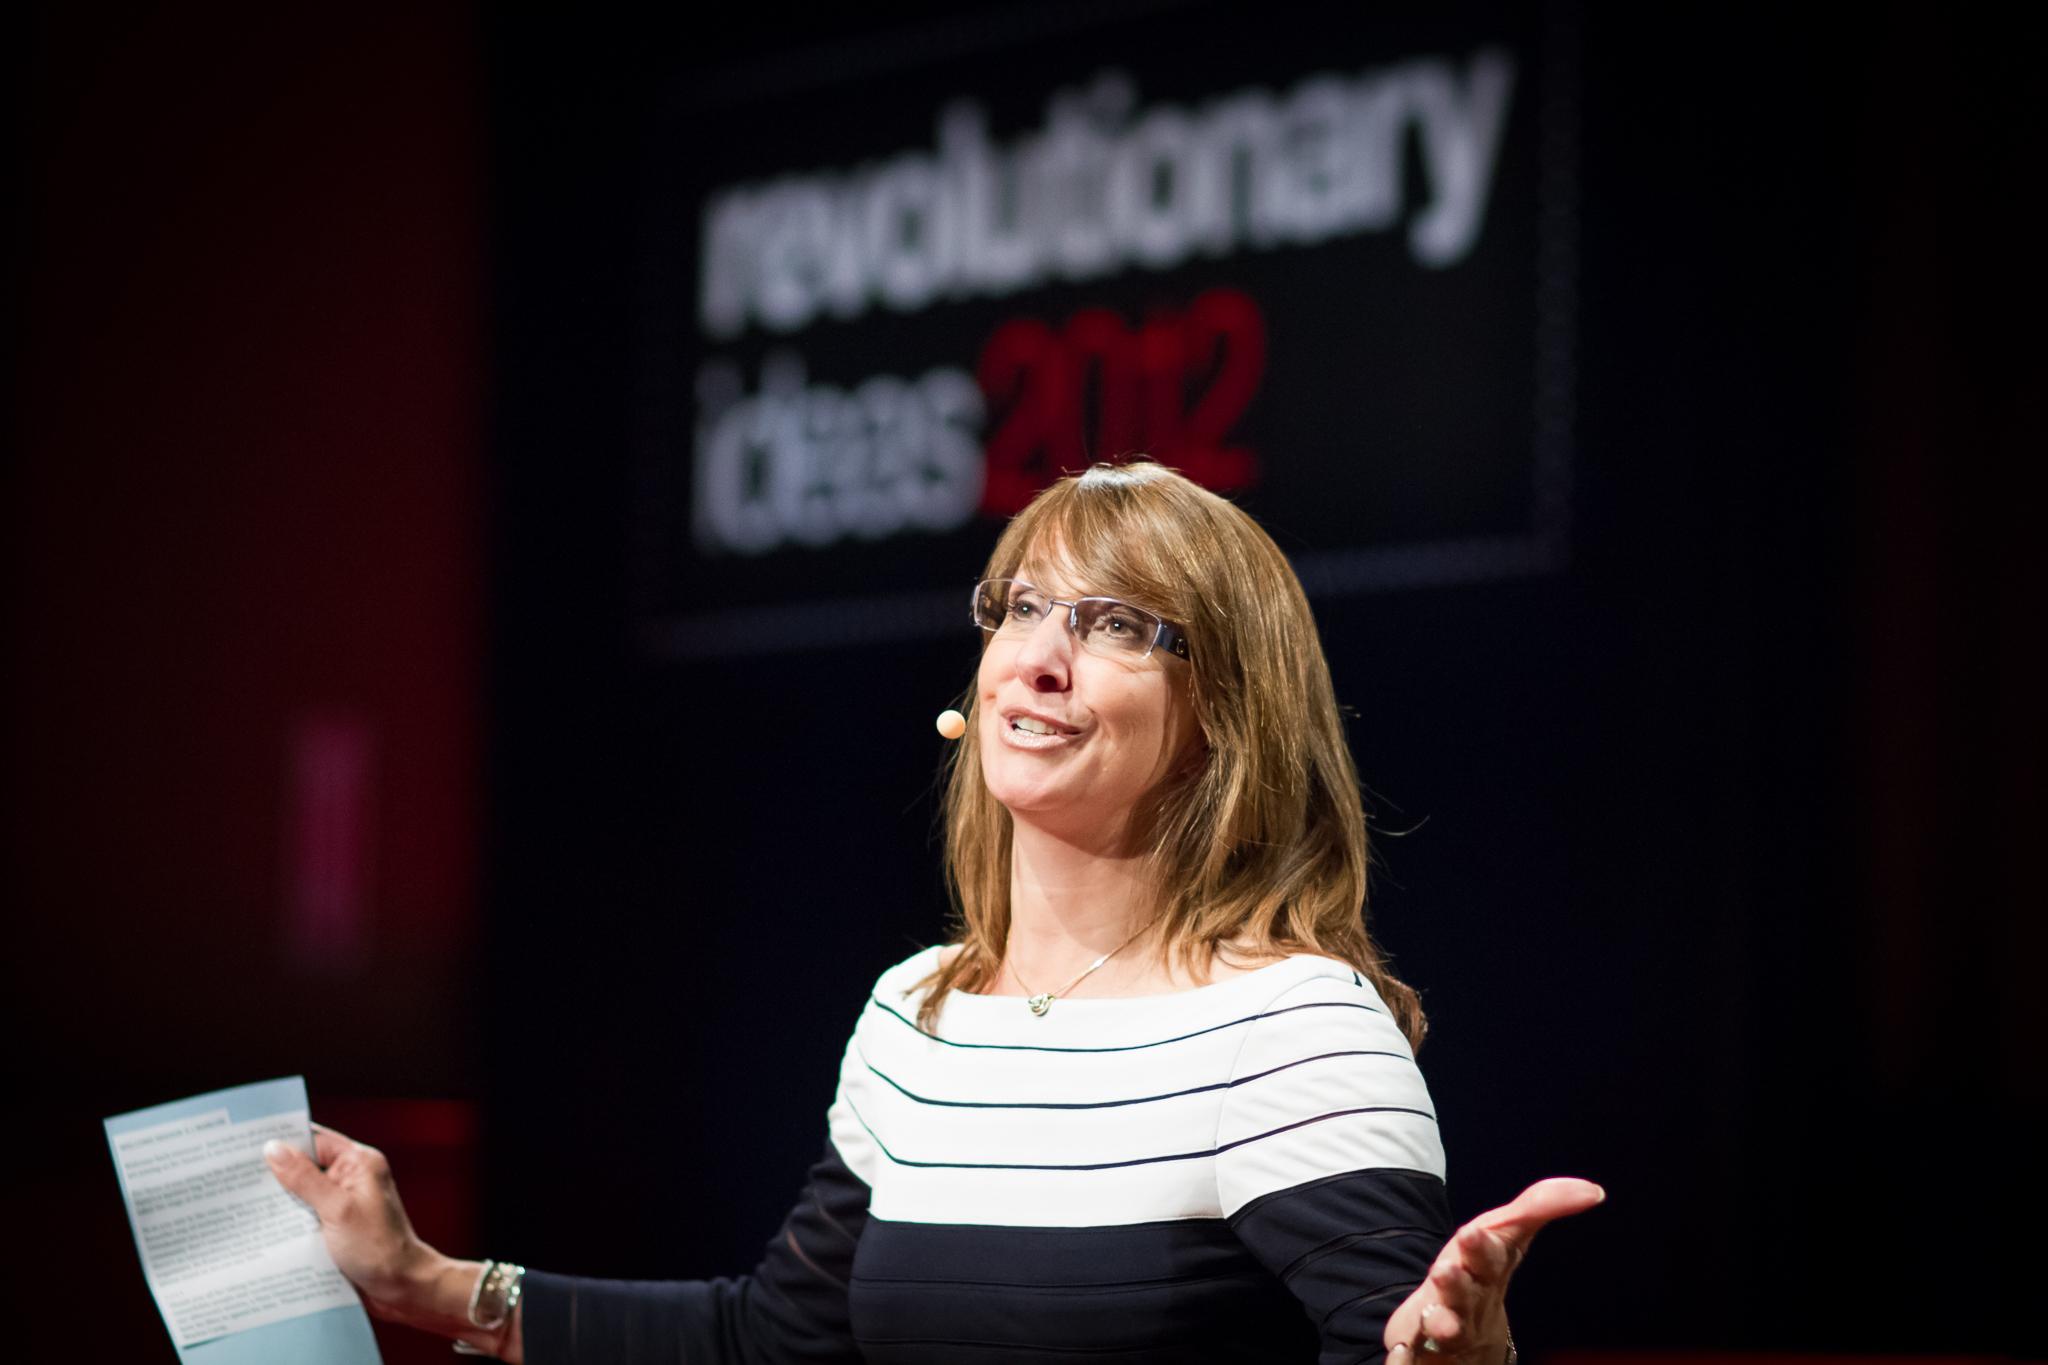 ERAT_STEVEN_20120622_TEDxBoston_759-2.jpg